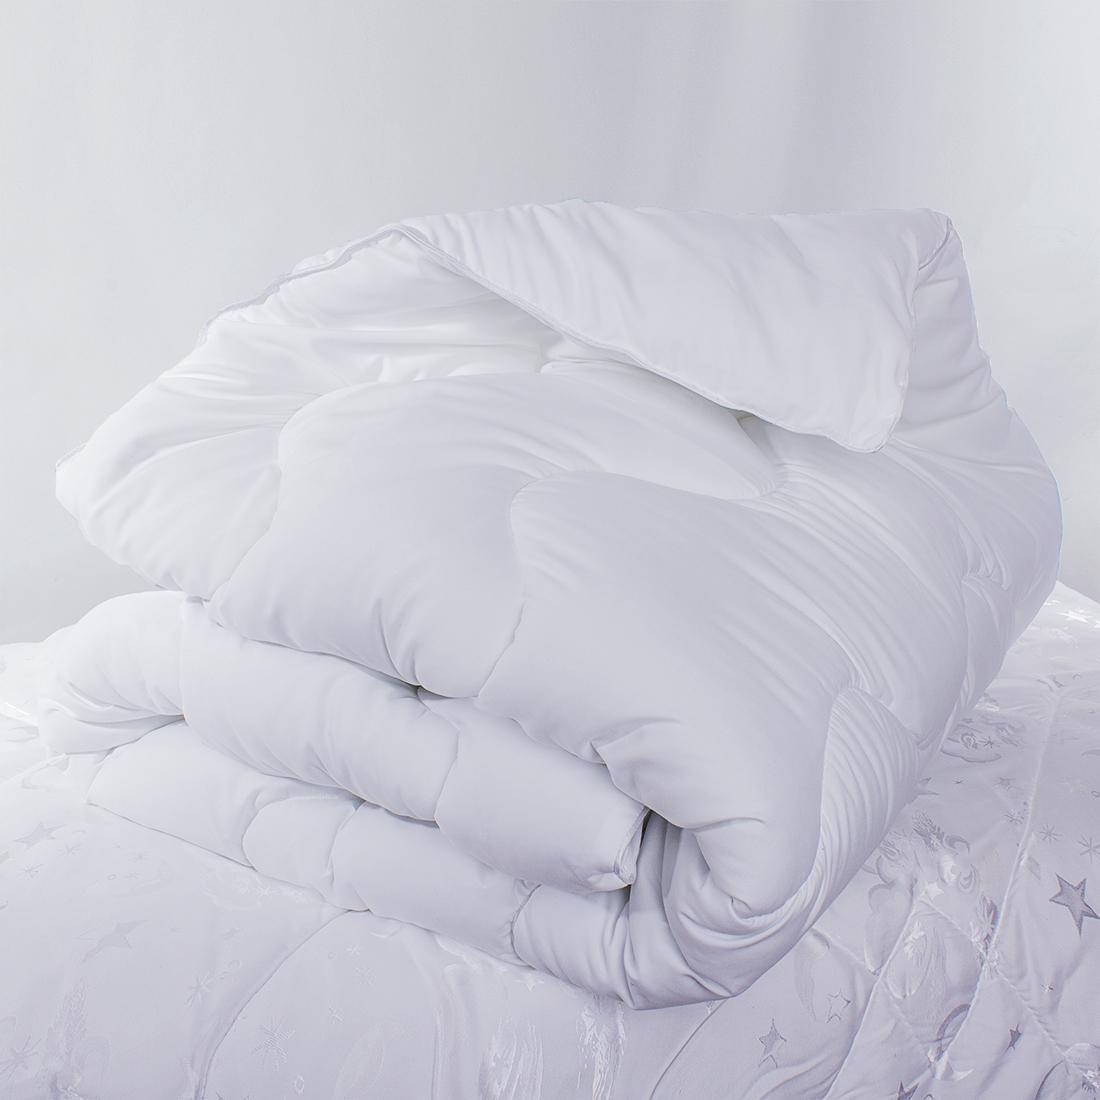 Одеяло «Sleep iX» изготовлено из силиконизированного волокна, полученного из тонких волокон полиэфира, обработанных силиконом. Наполнитель AirFluff толщиной всего 3 денье, потому очень податливый: в подушках упругий, а в одеялах - воздушный и легкий. Уникальная стежка AirFlex продлевает срок службы изделия, поддерживая наполнитель изнутри, а также придает одеялу необычайную пышность, благодаря чему тепло удерживается гораздо лучше, чем в стеганых одеялах или прошитых на многоигольной машине.Материал чехла MicroSkin - это гладкая и шелковистая ткань с легким блеском, по своему виду не уступающая натуральному хлопку. Кант делают из атласа или вискозы, он помогает изделию держать форму в течение многих лет. Кант есть на многих объемных изделиях из текстиля, иногда его могут дополнительно прострочить по периметру или сделать широким.